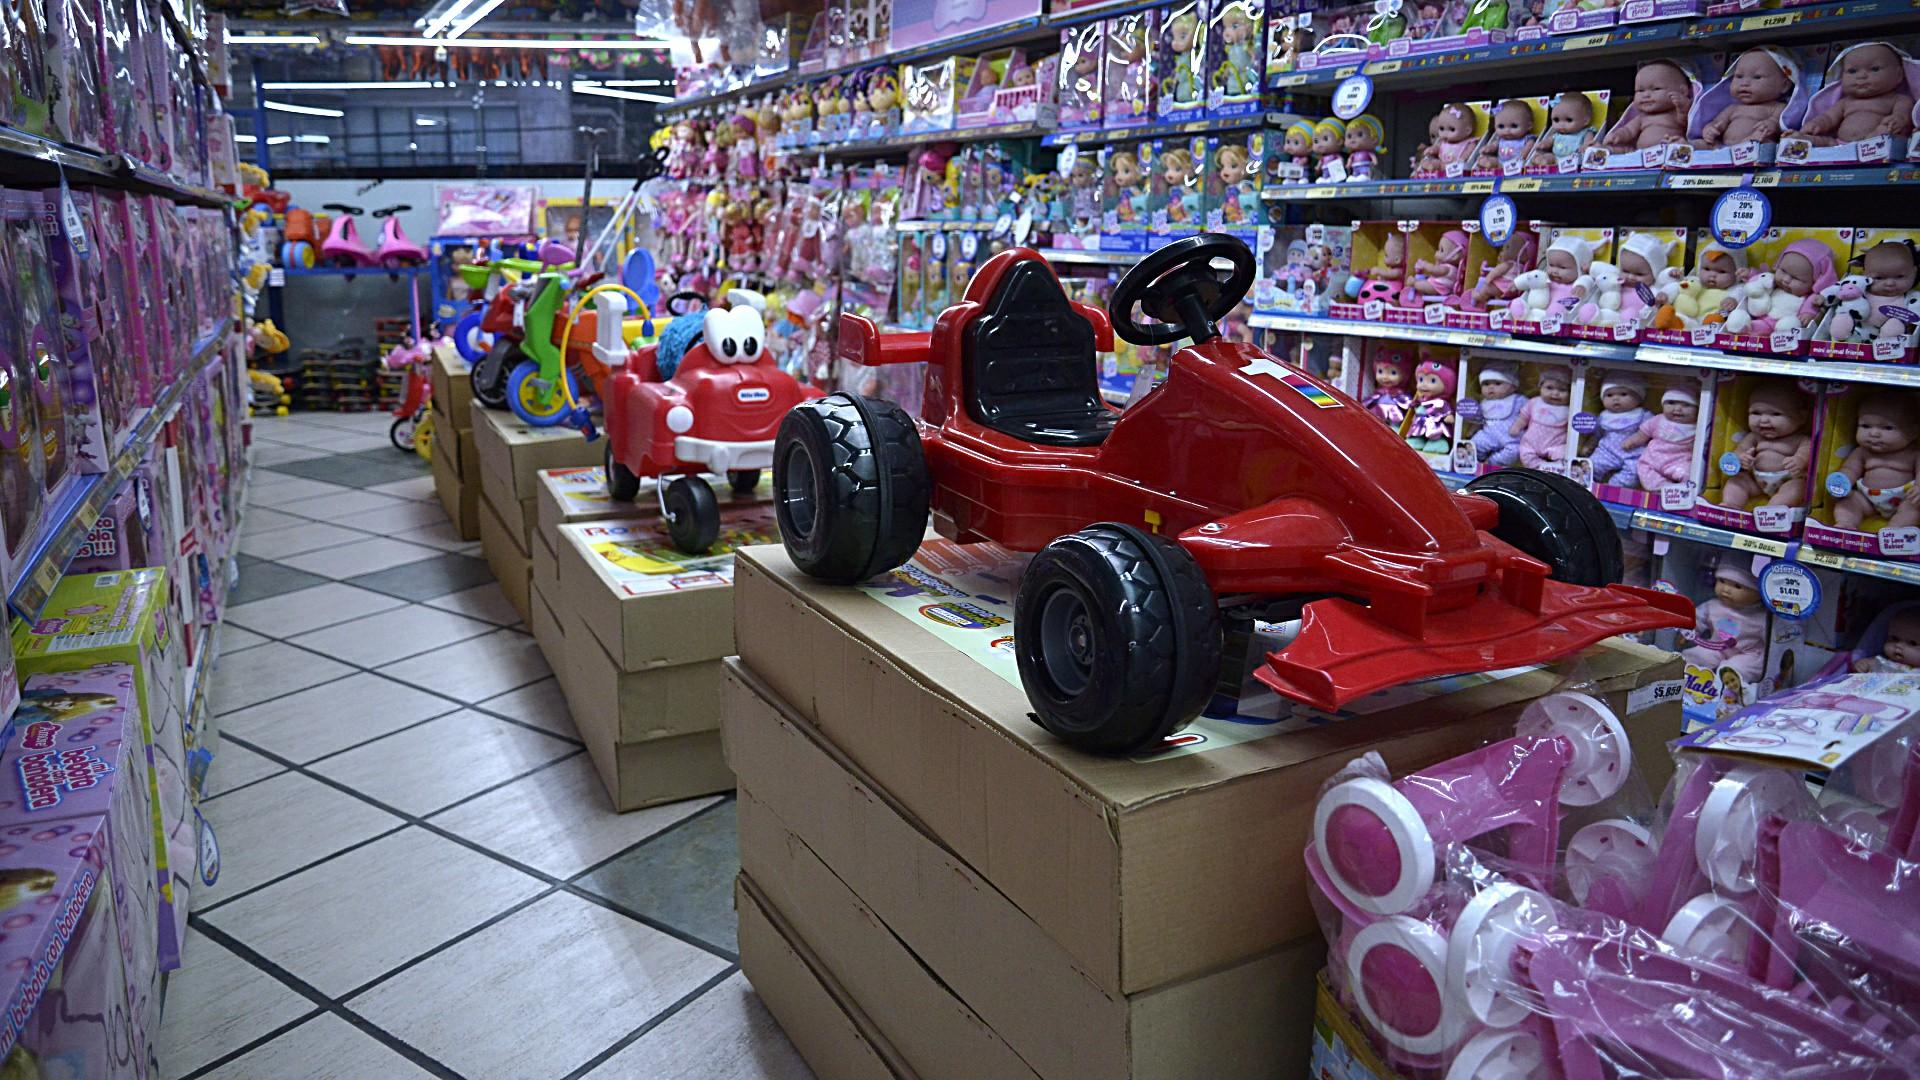 Según la CAIJ, el sector cuenta con 180 fábricas en todo el país, 8000 empleos, 3500 comercios y donan alrededor de 30.000 juguetes